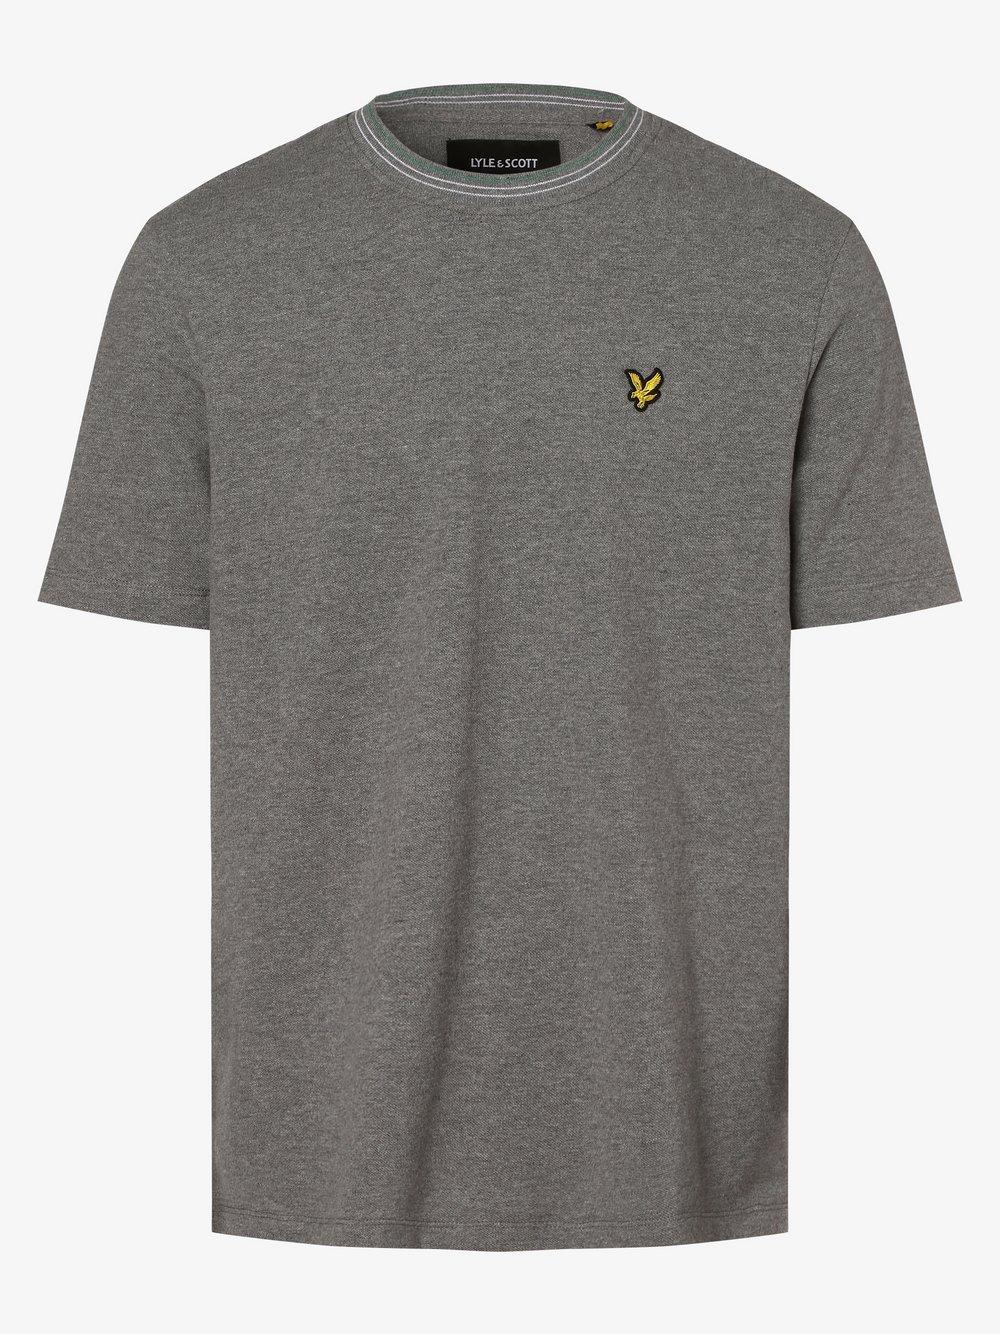 Lyle & Scott – T-shirt męski, szary Van Graaf 474677-0002-09920